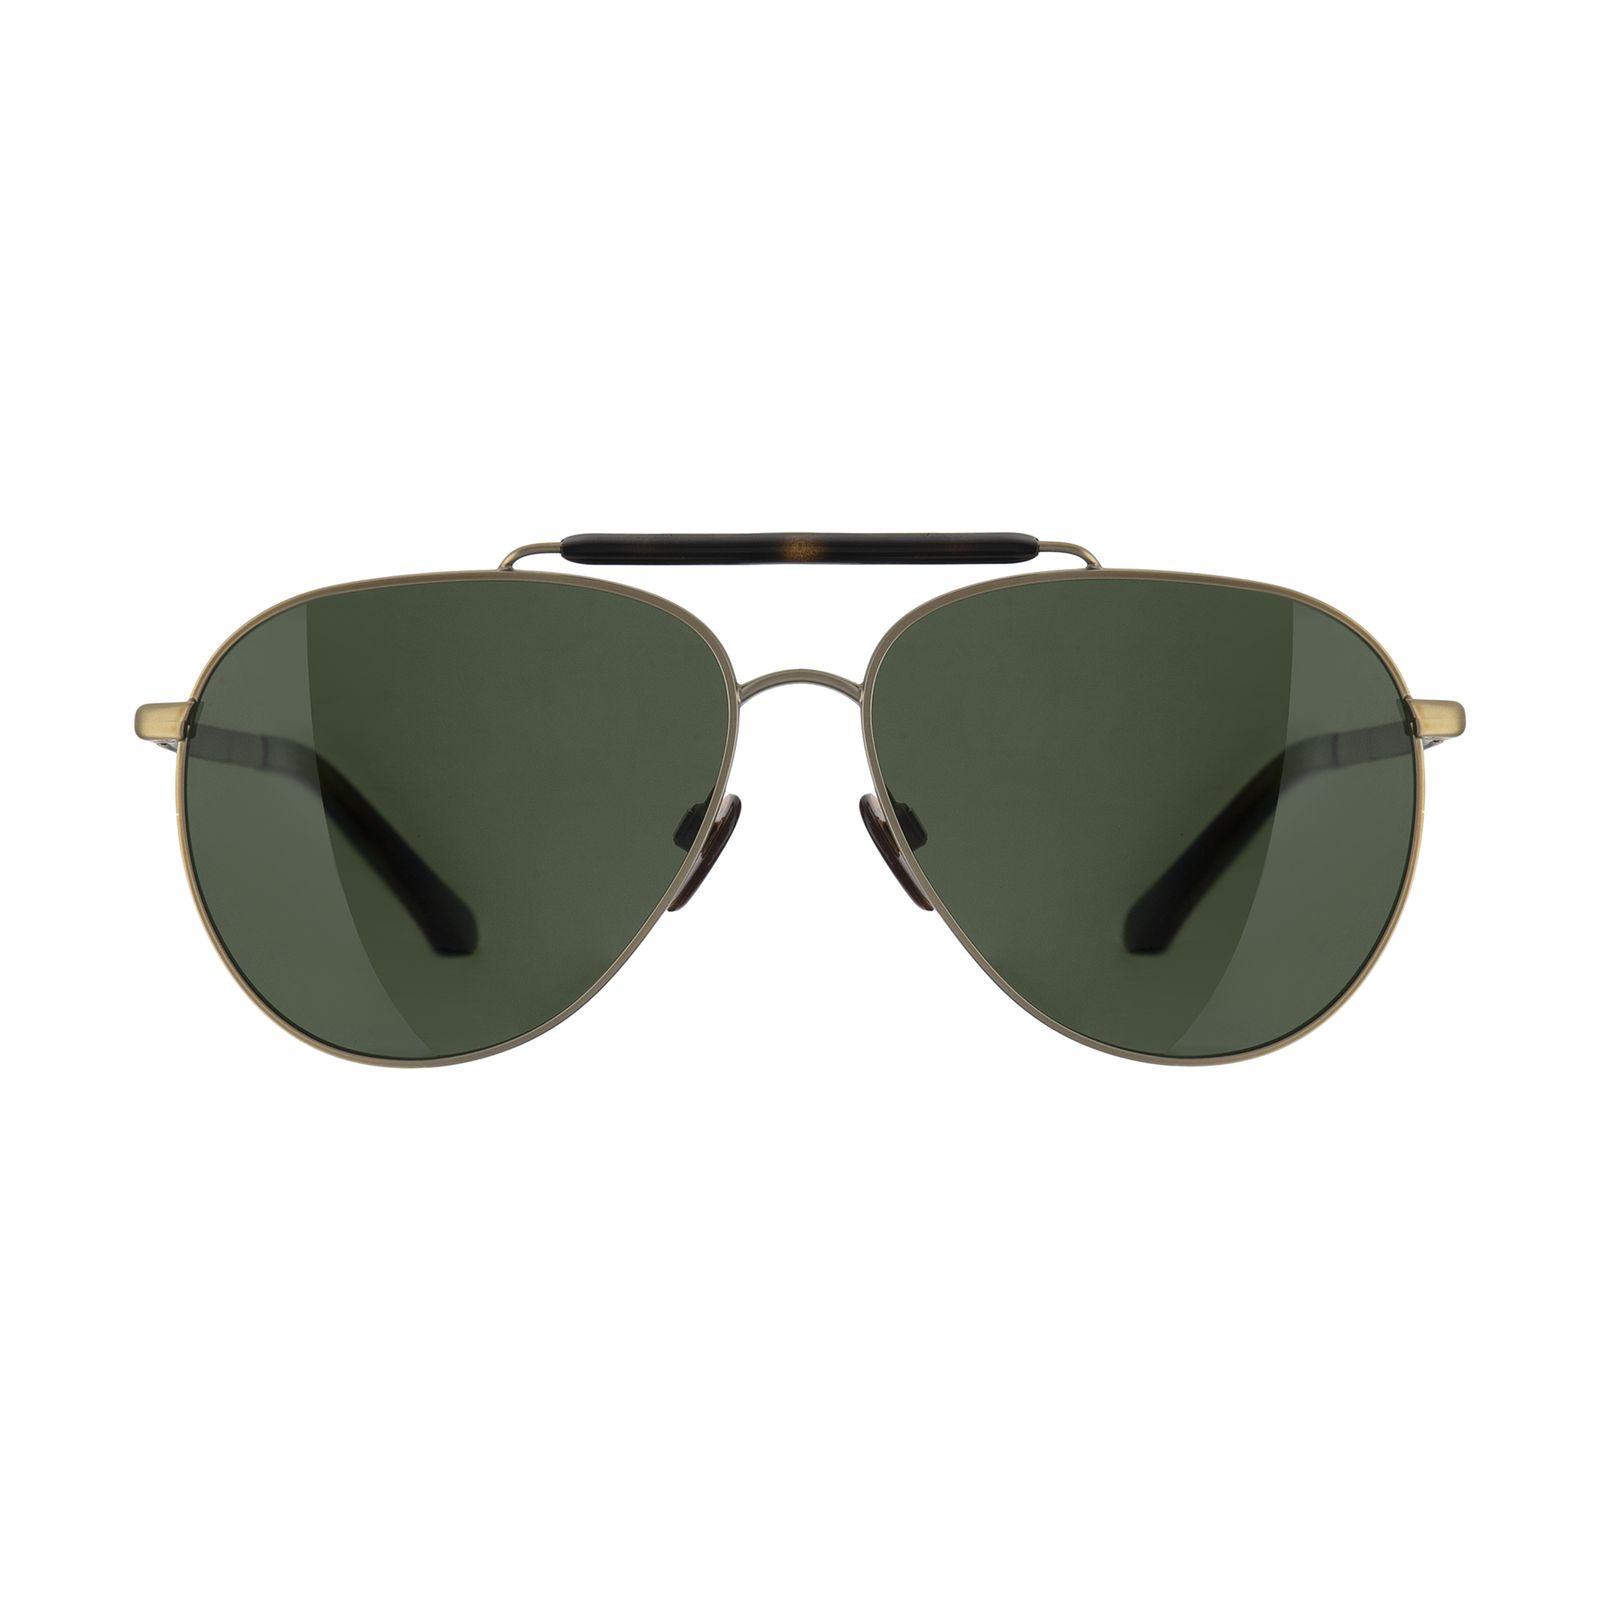 عینک آفتابی زنانه بربری مدل BE 3097S 127171 59 -  - 2